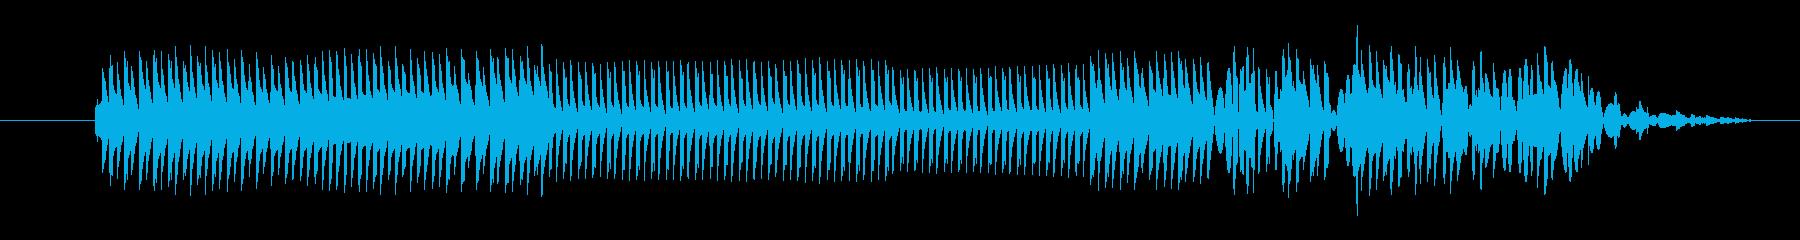 FX クレイジーサイエンティスト02の再生済みの波形